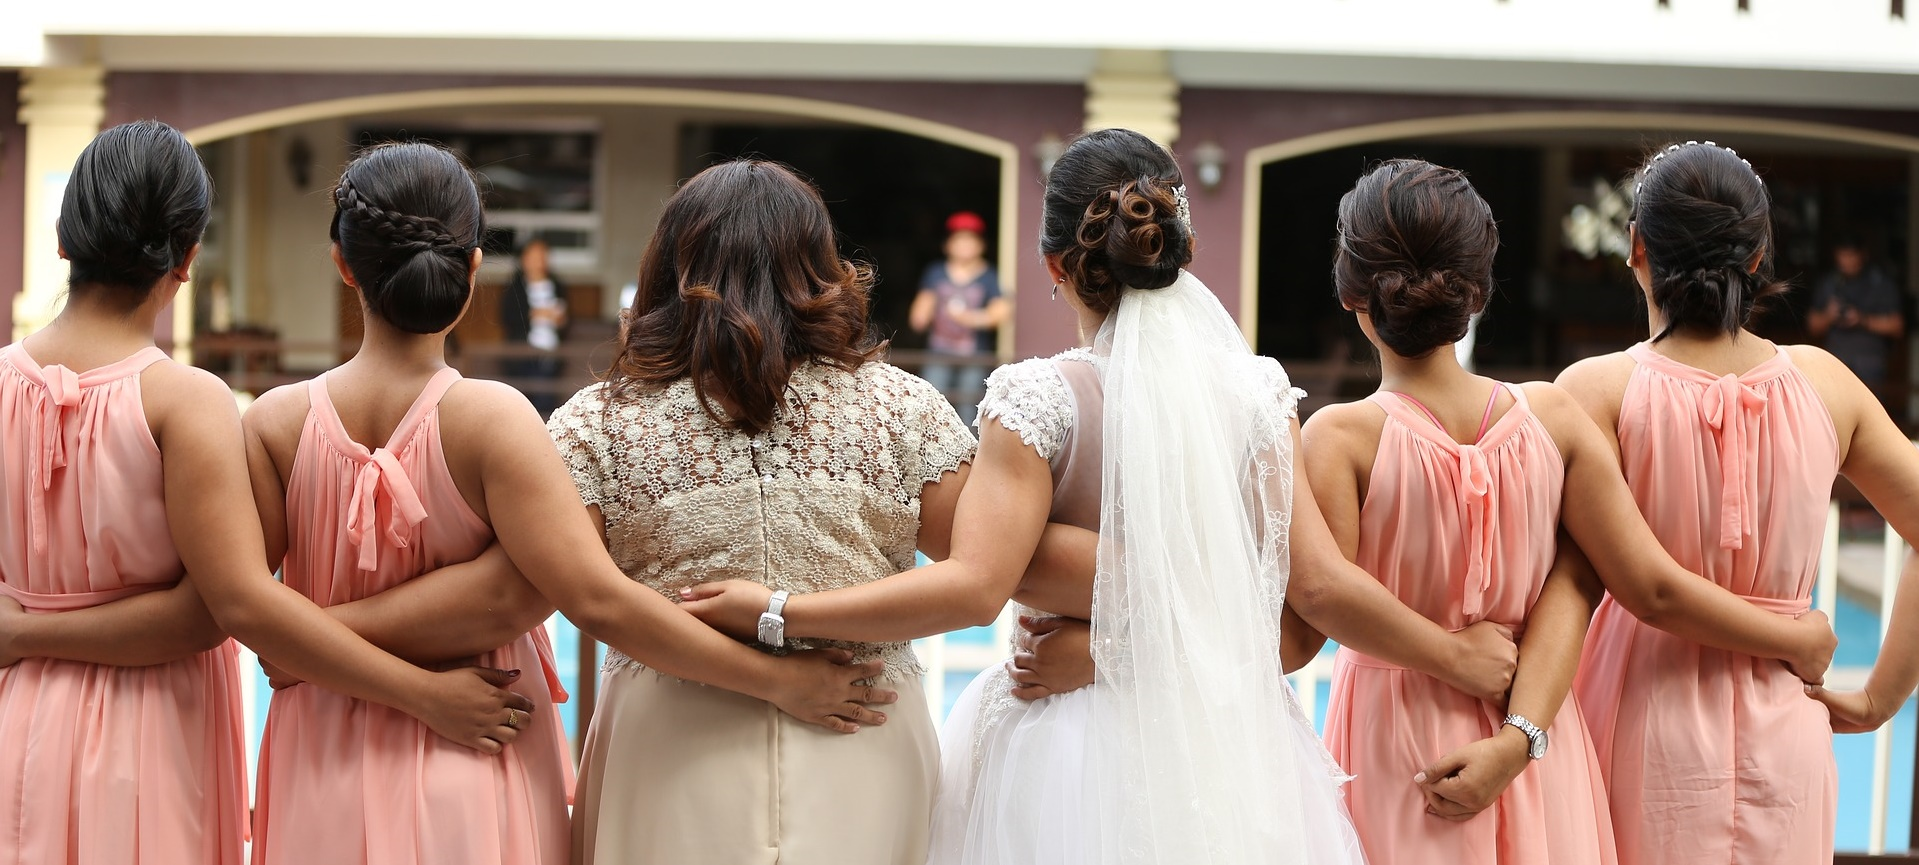 Frisur-Regeln als Hochzeitsgast